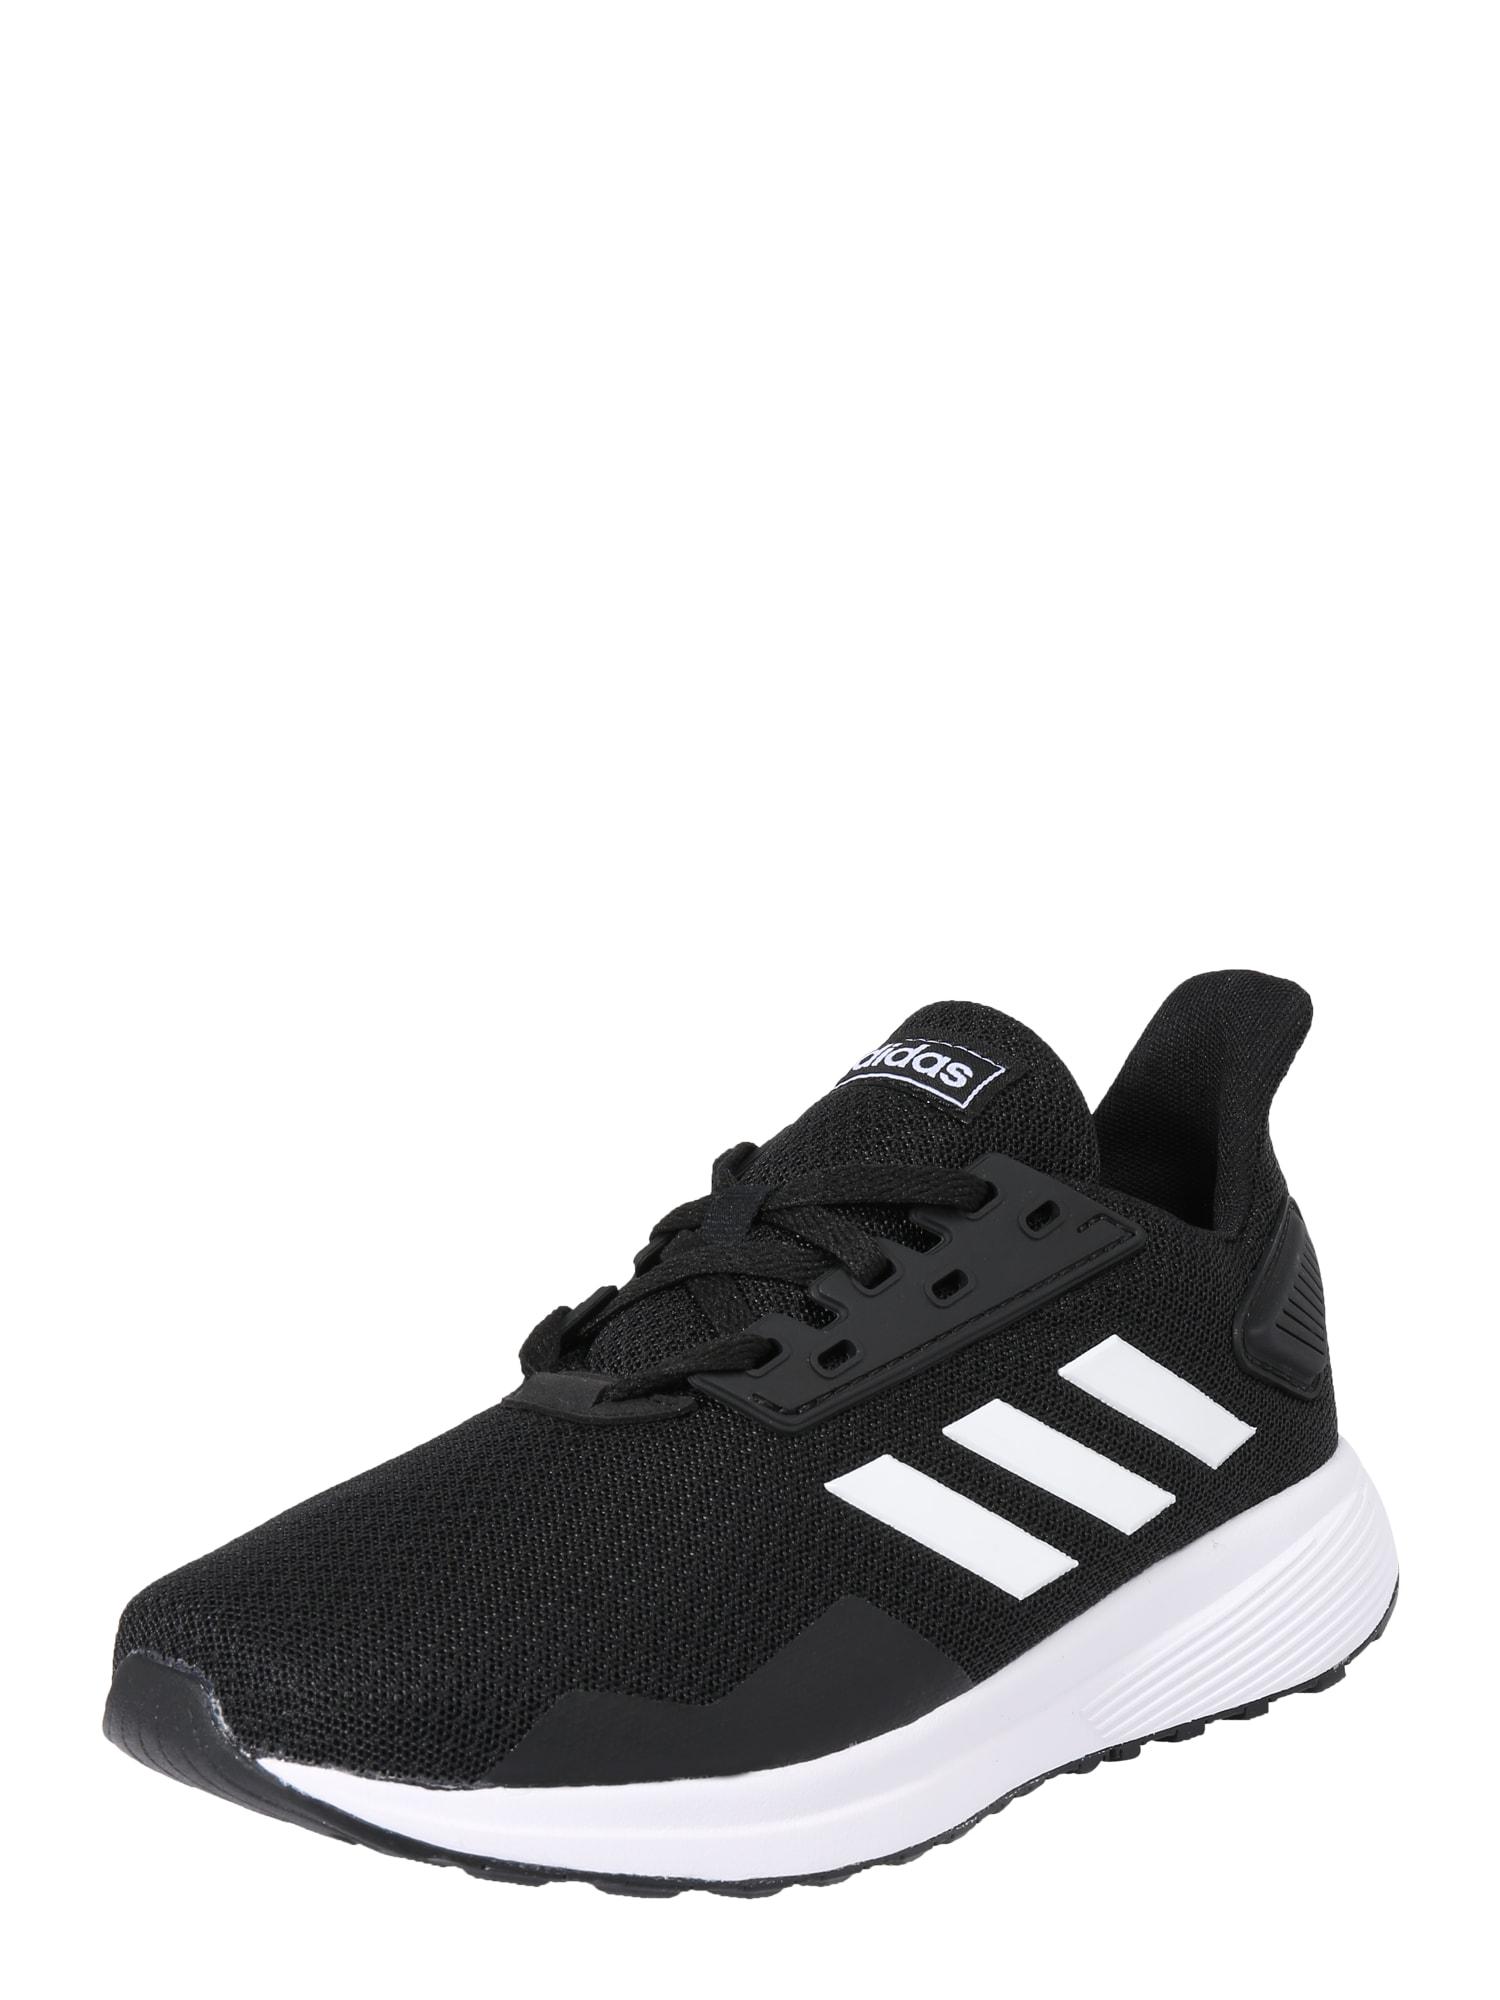 ADIDAS PERFORMANCE Sportiniai batai 'DURAMO 9 K' juoda